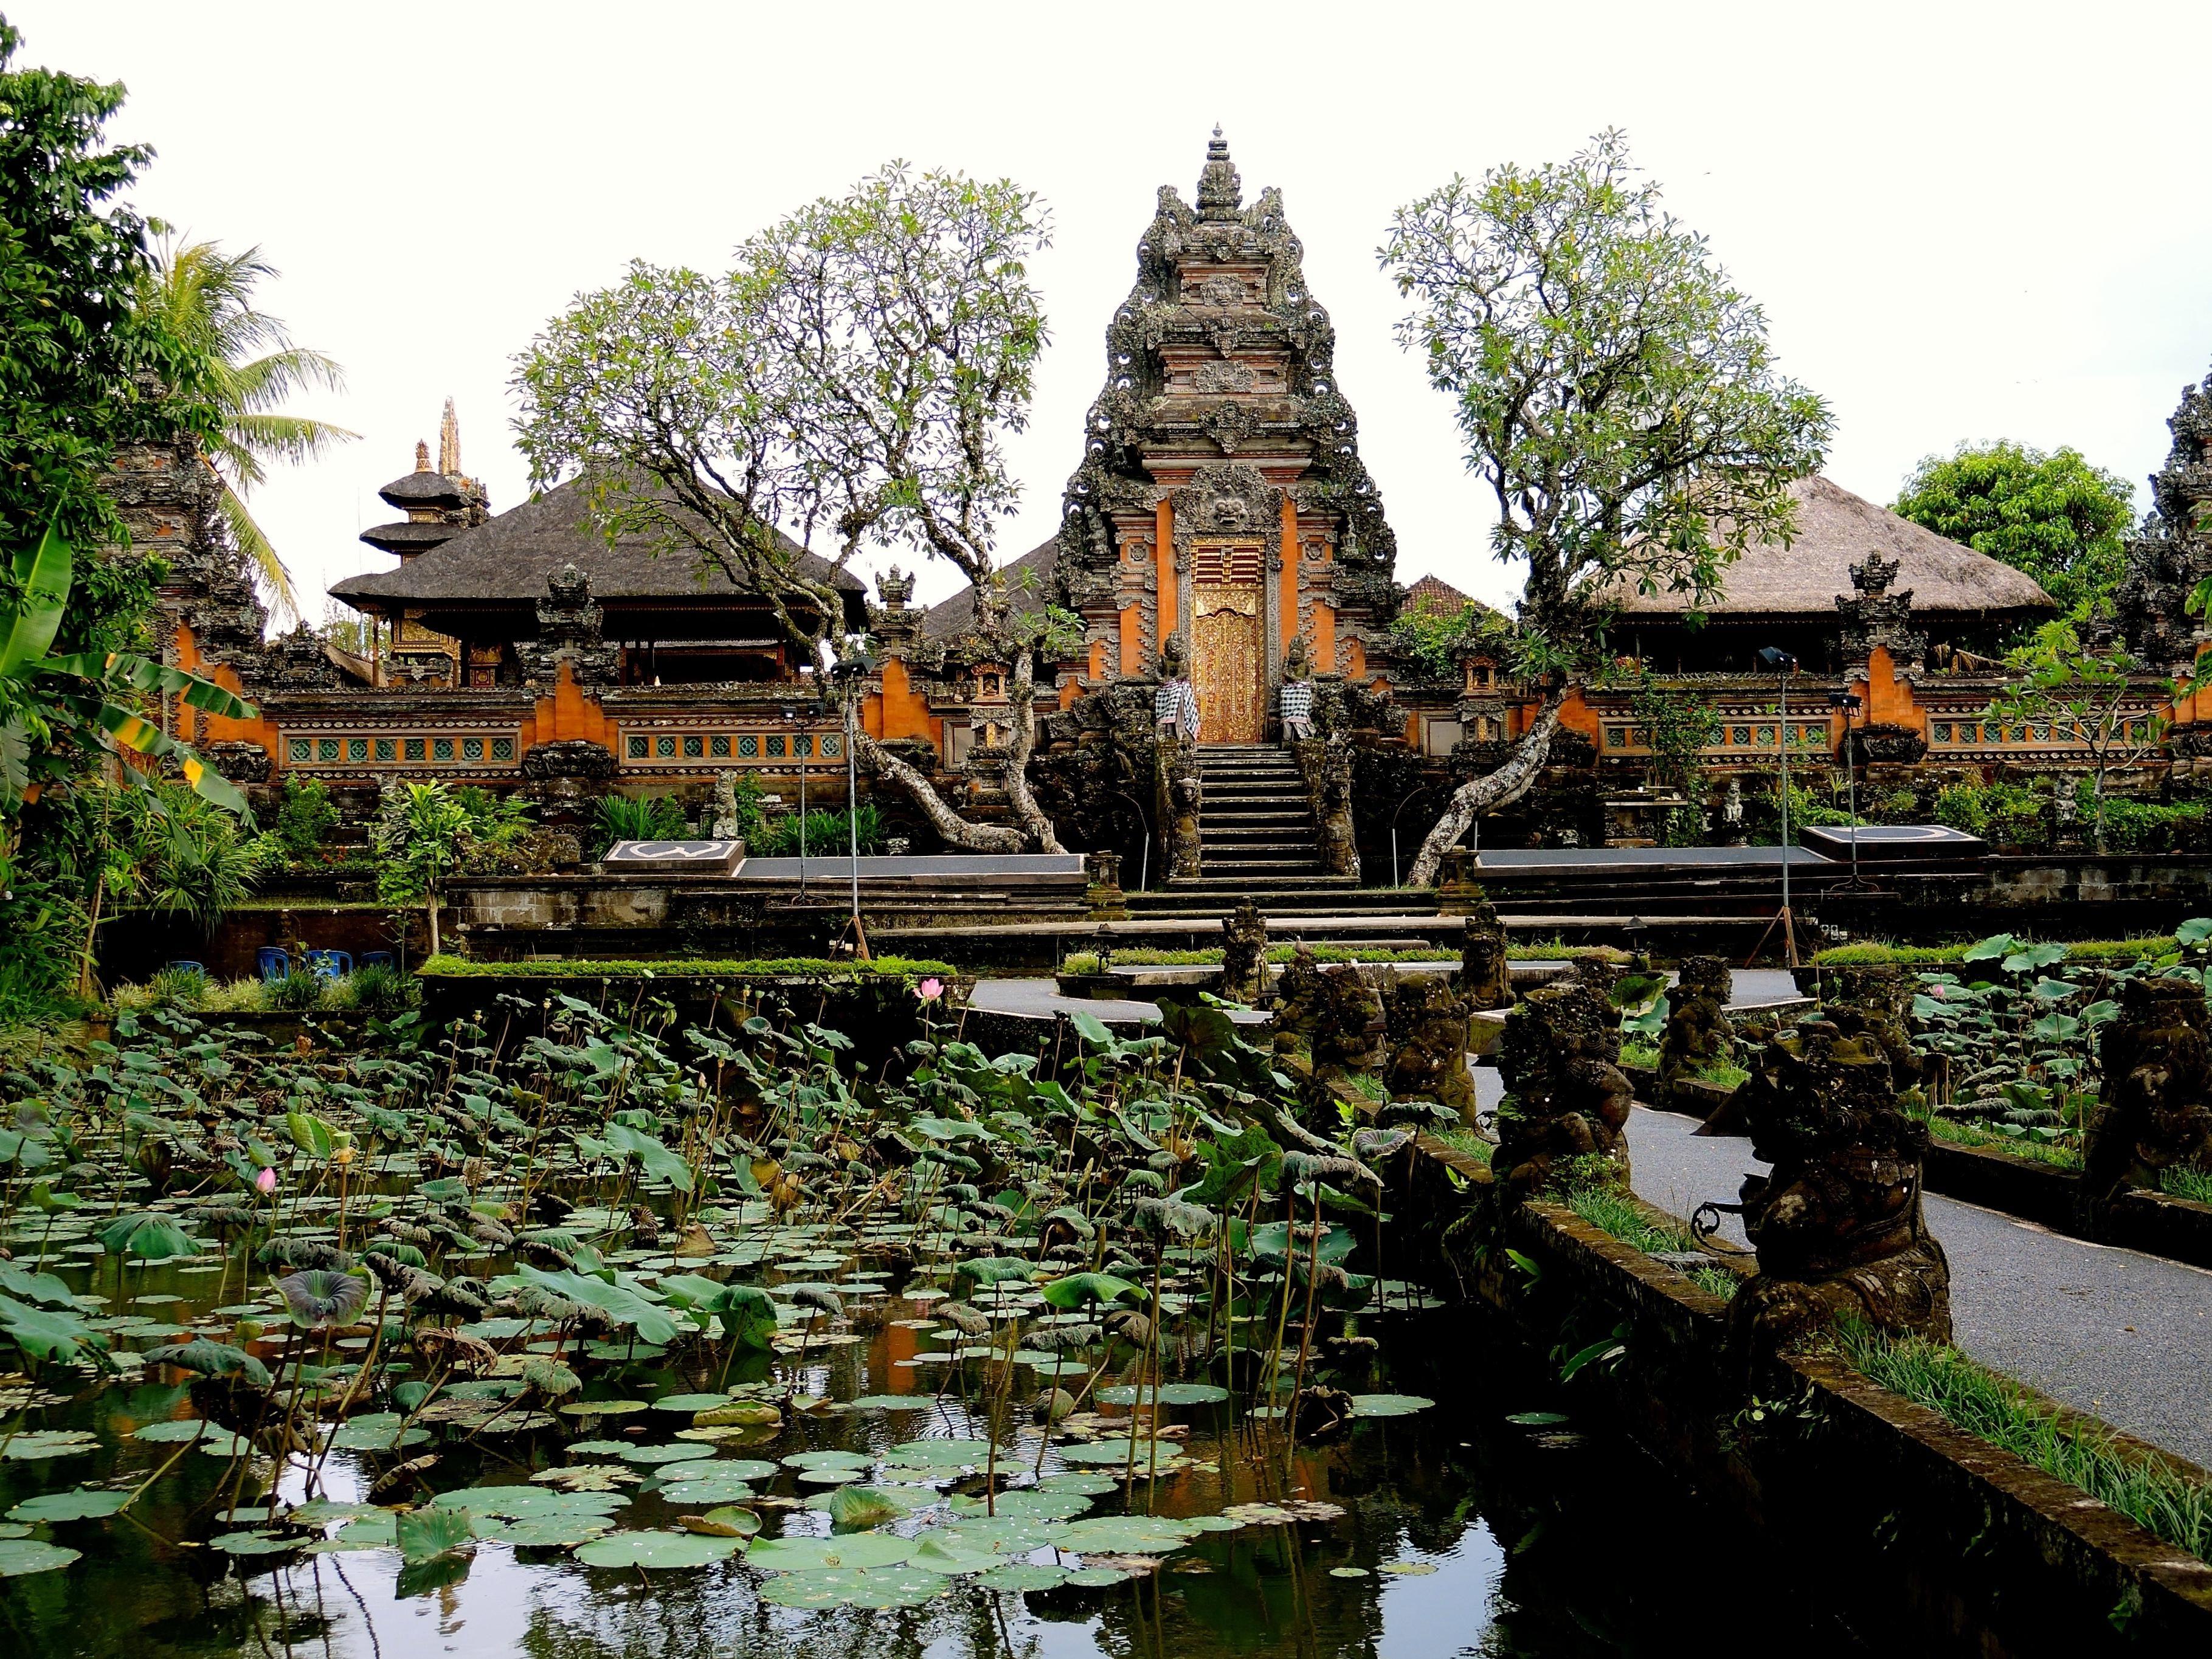 Kostenlose Bild: Tempel, Architektur, Buddhismus, Religion, Kultur ...